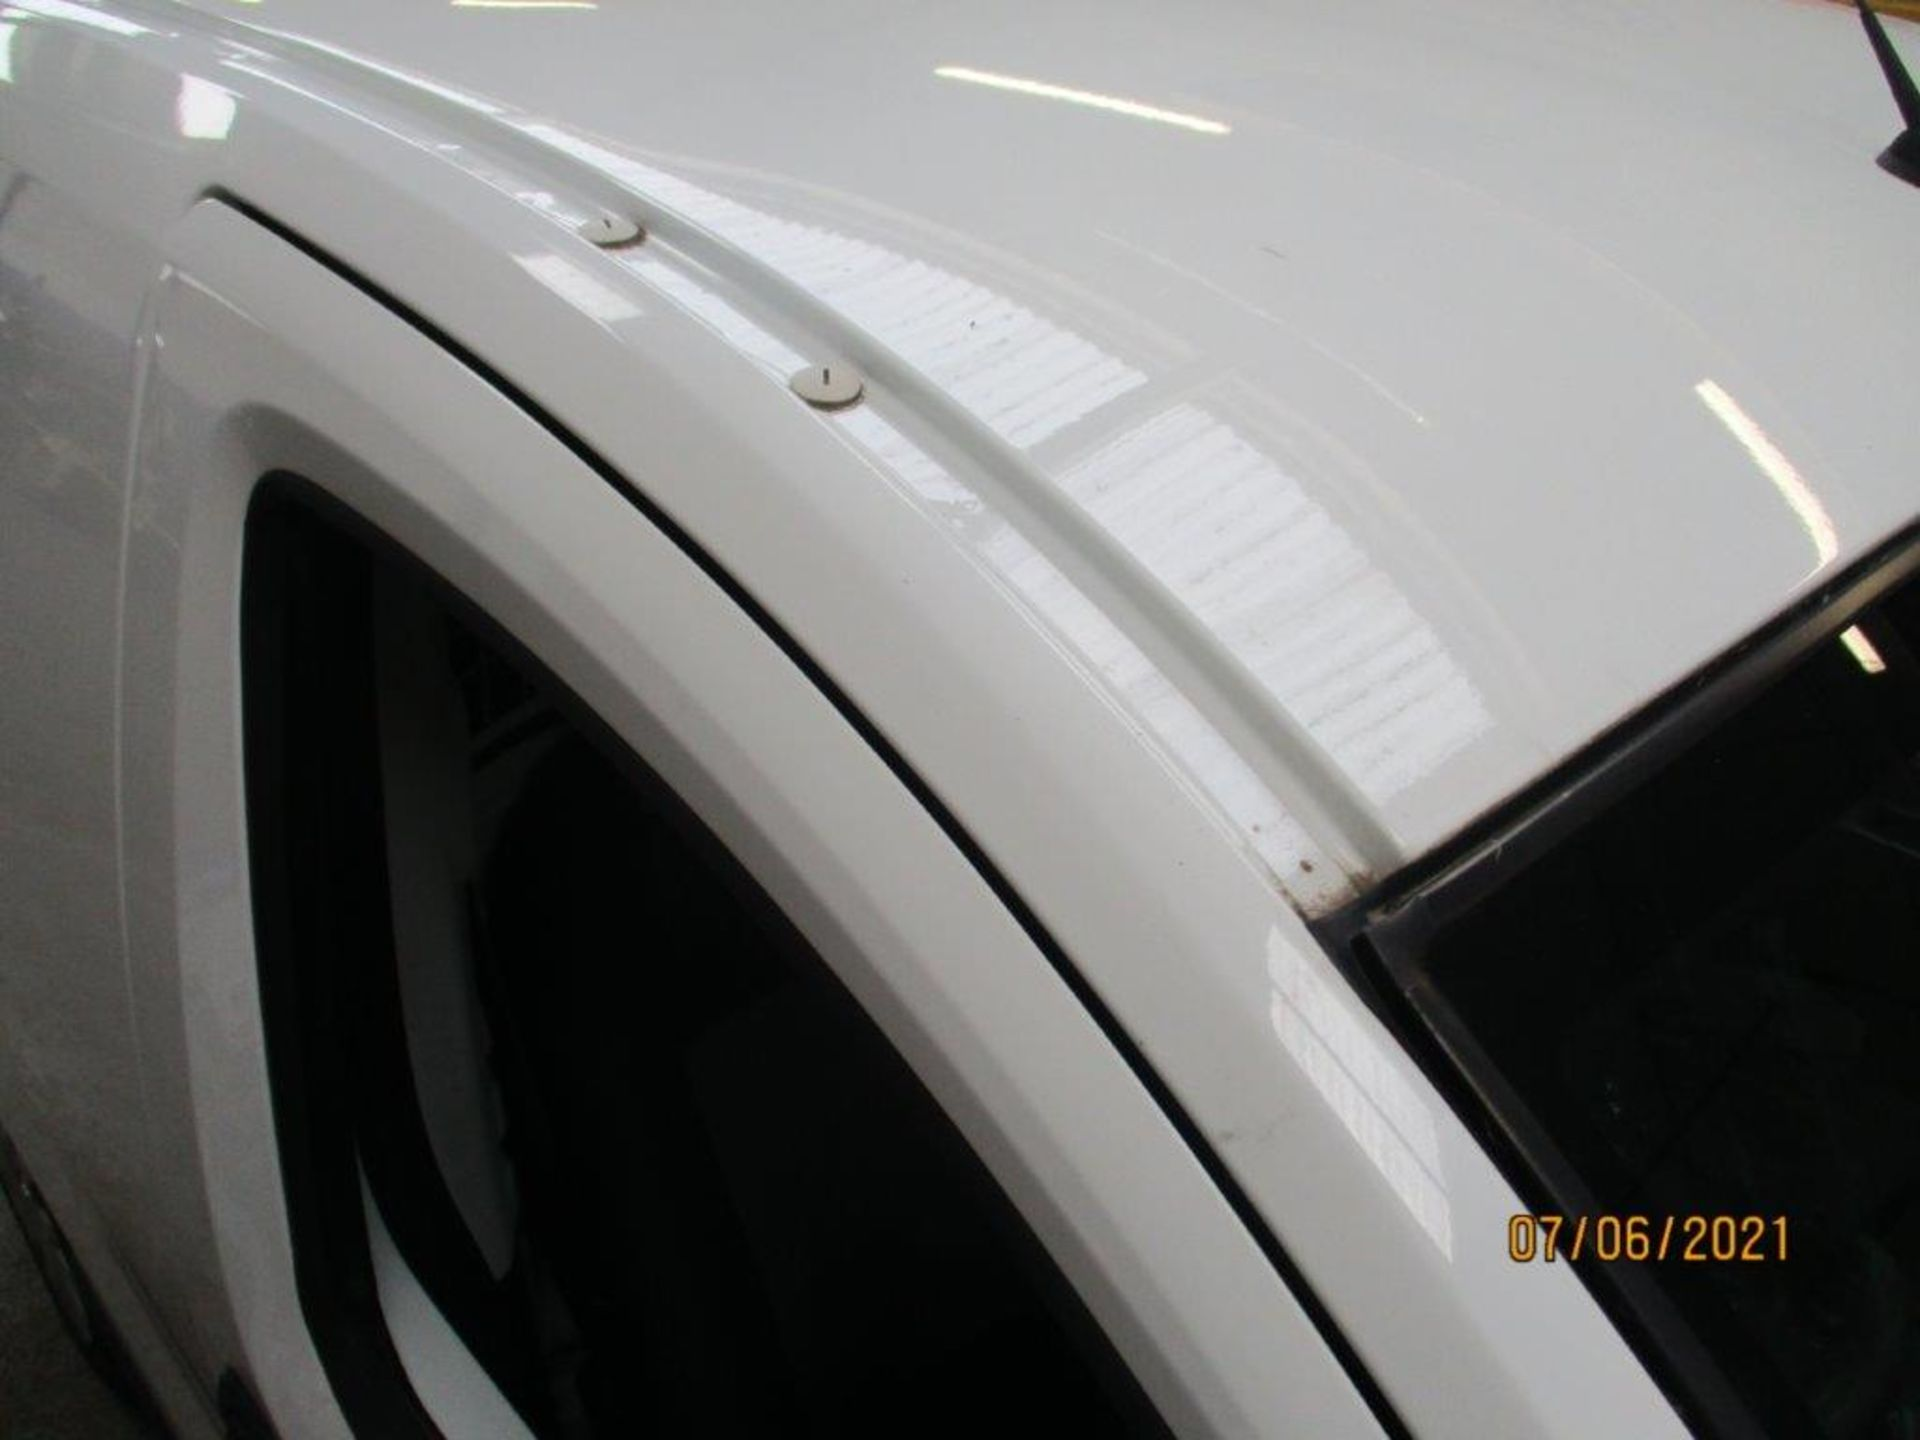 15 15 Peugeot Bipper Professional HD - Image 10 of 18